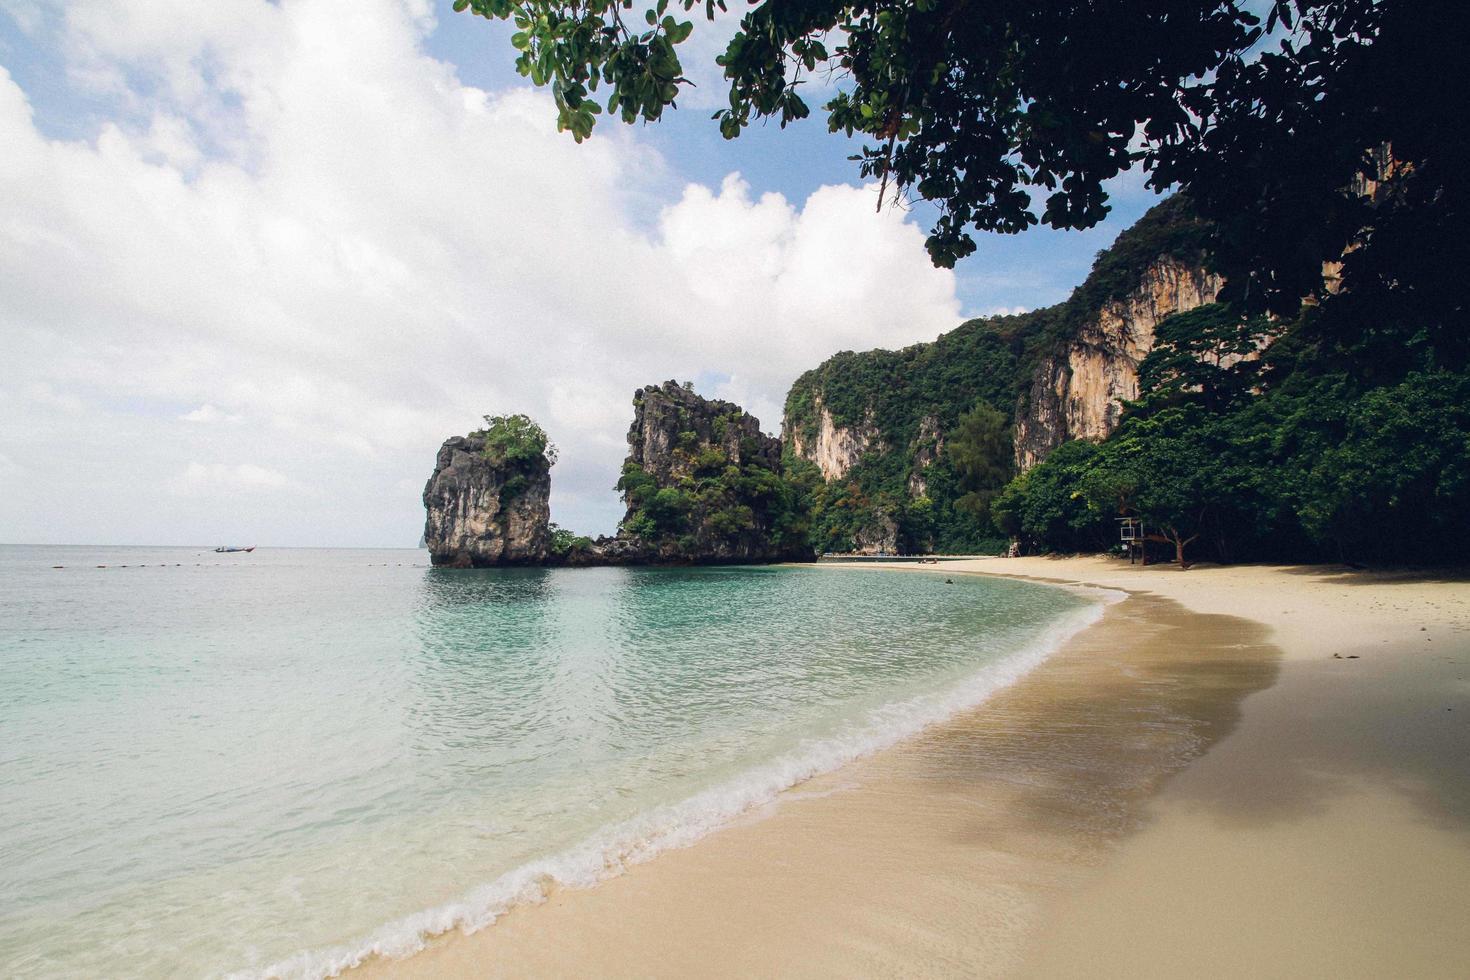 scogliera coperta di albero vicino al mare foto